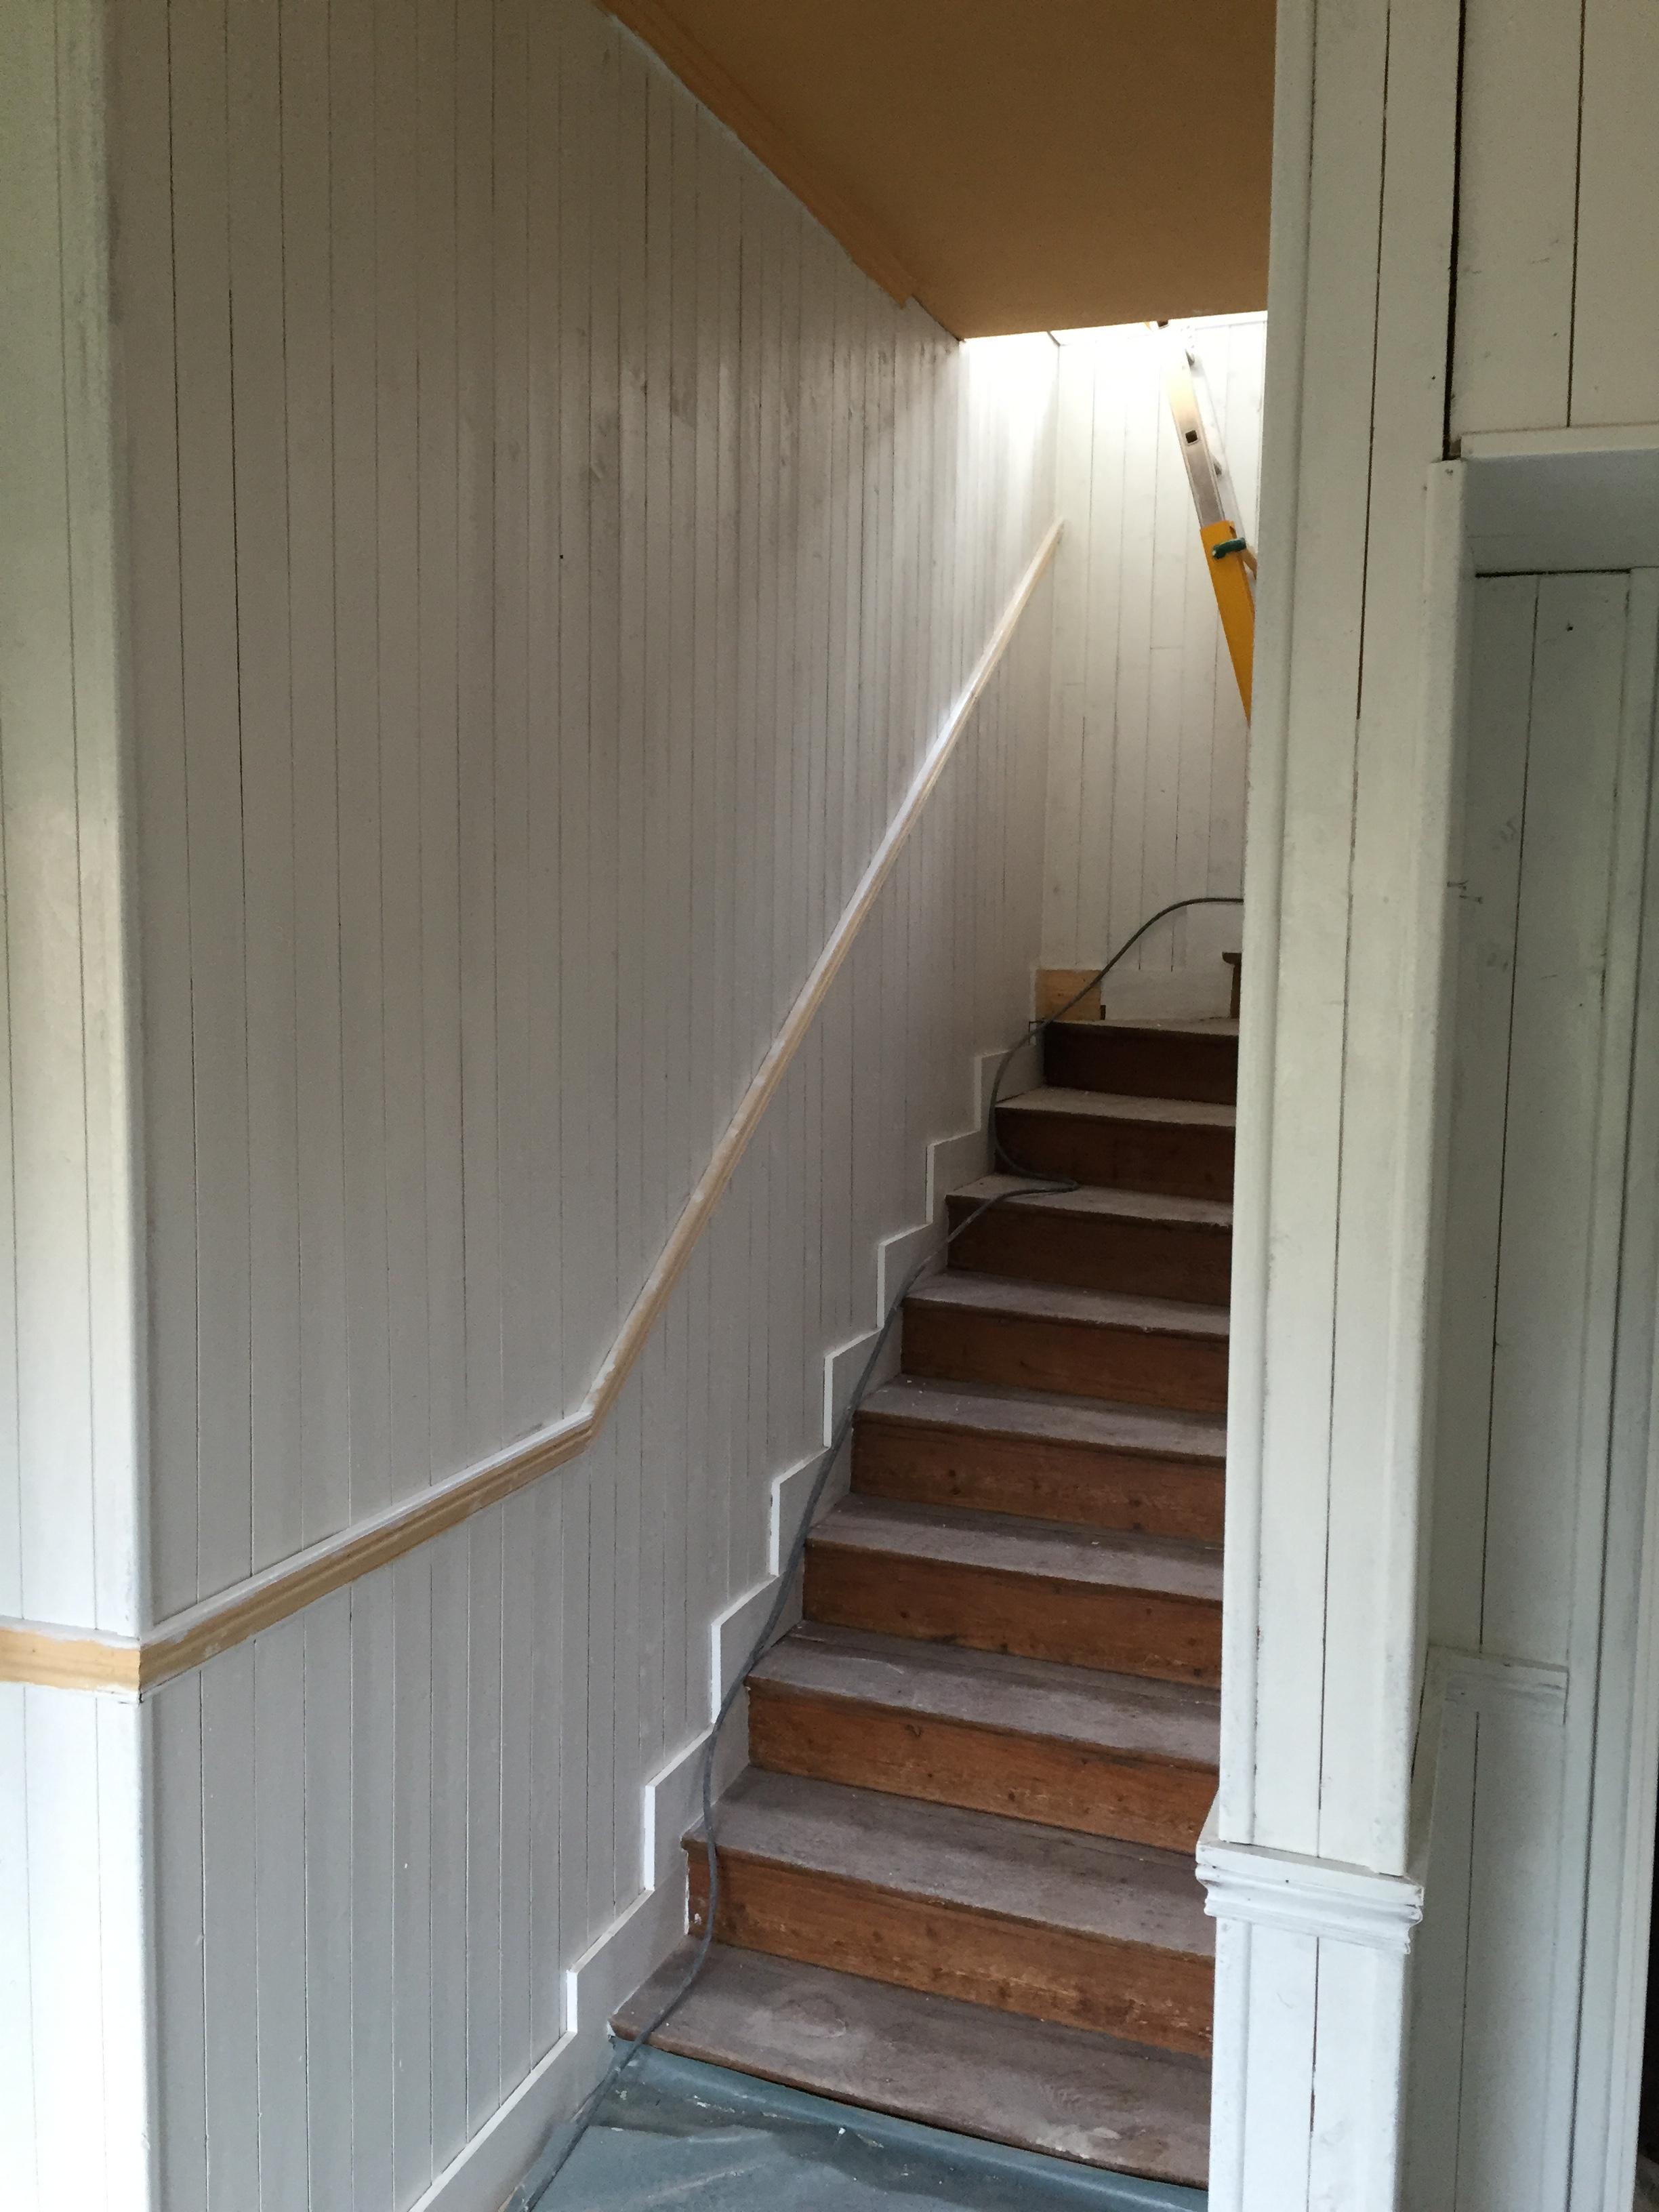 Poncage Escalier En Bois rénovation d'une maison - saint-brieuc